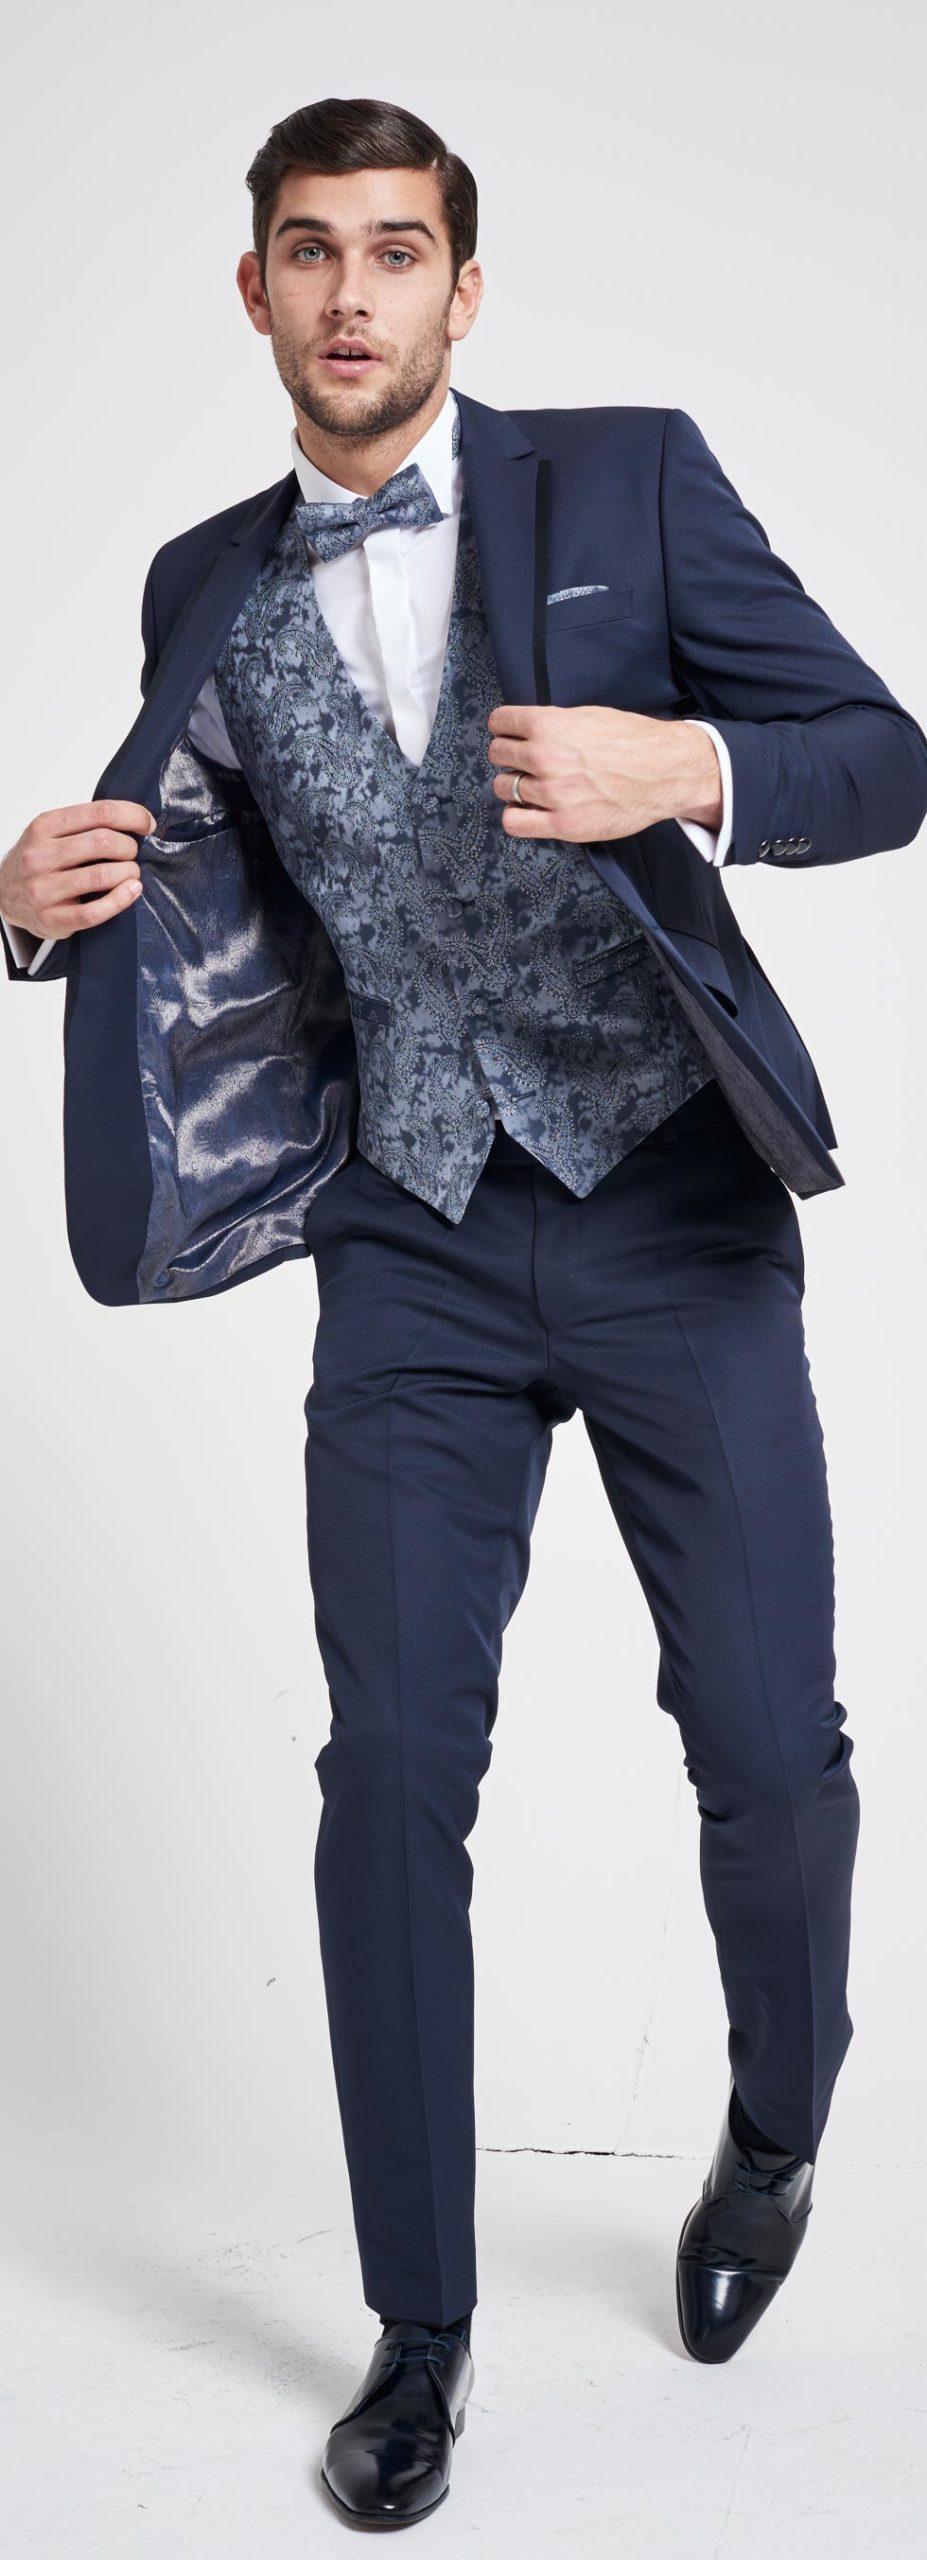 TZIACCO Brutigam Anzug Kollektion  Hochzeit planen mit weddingstyle